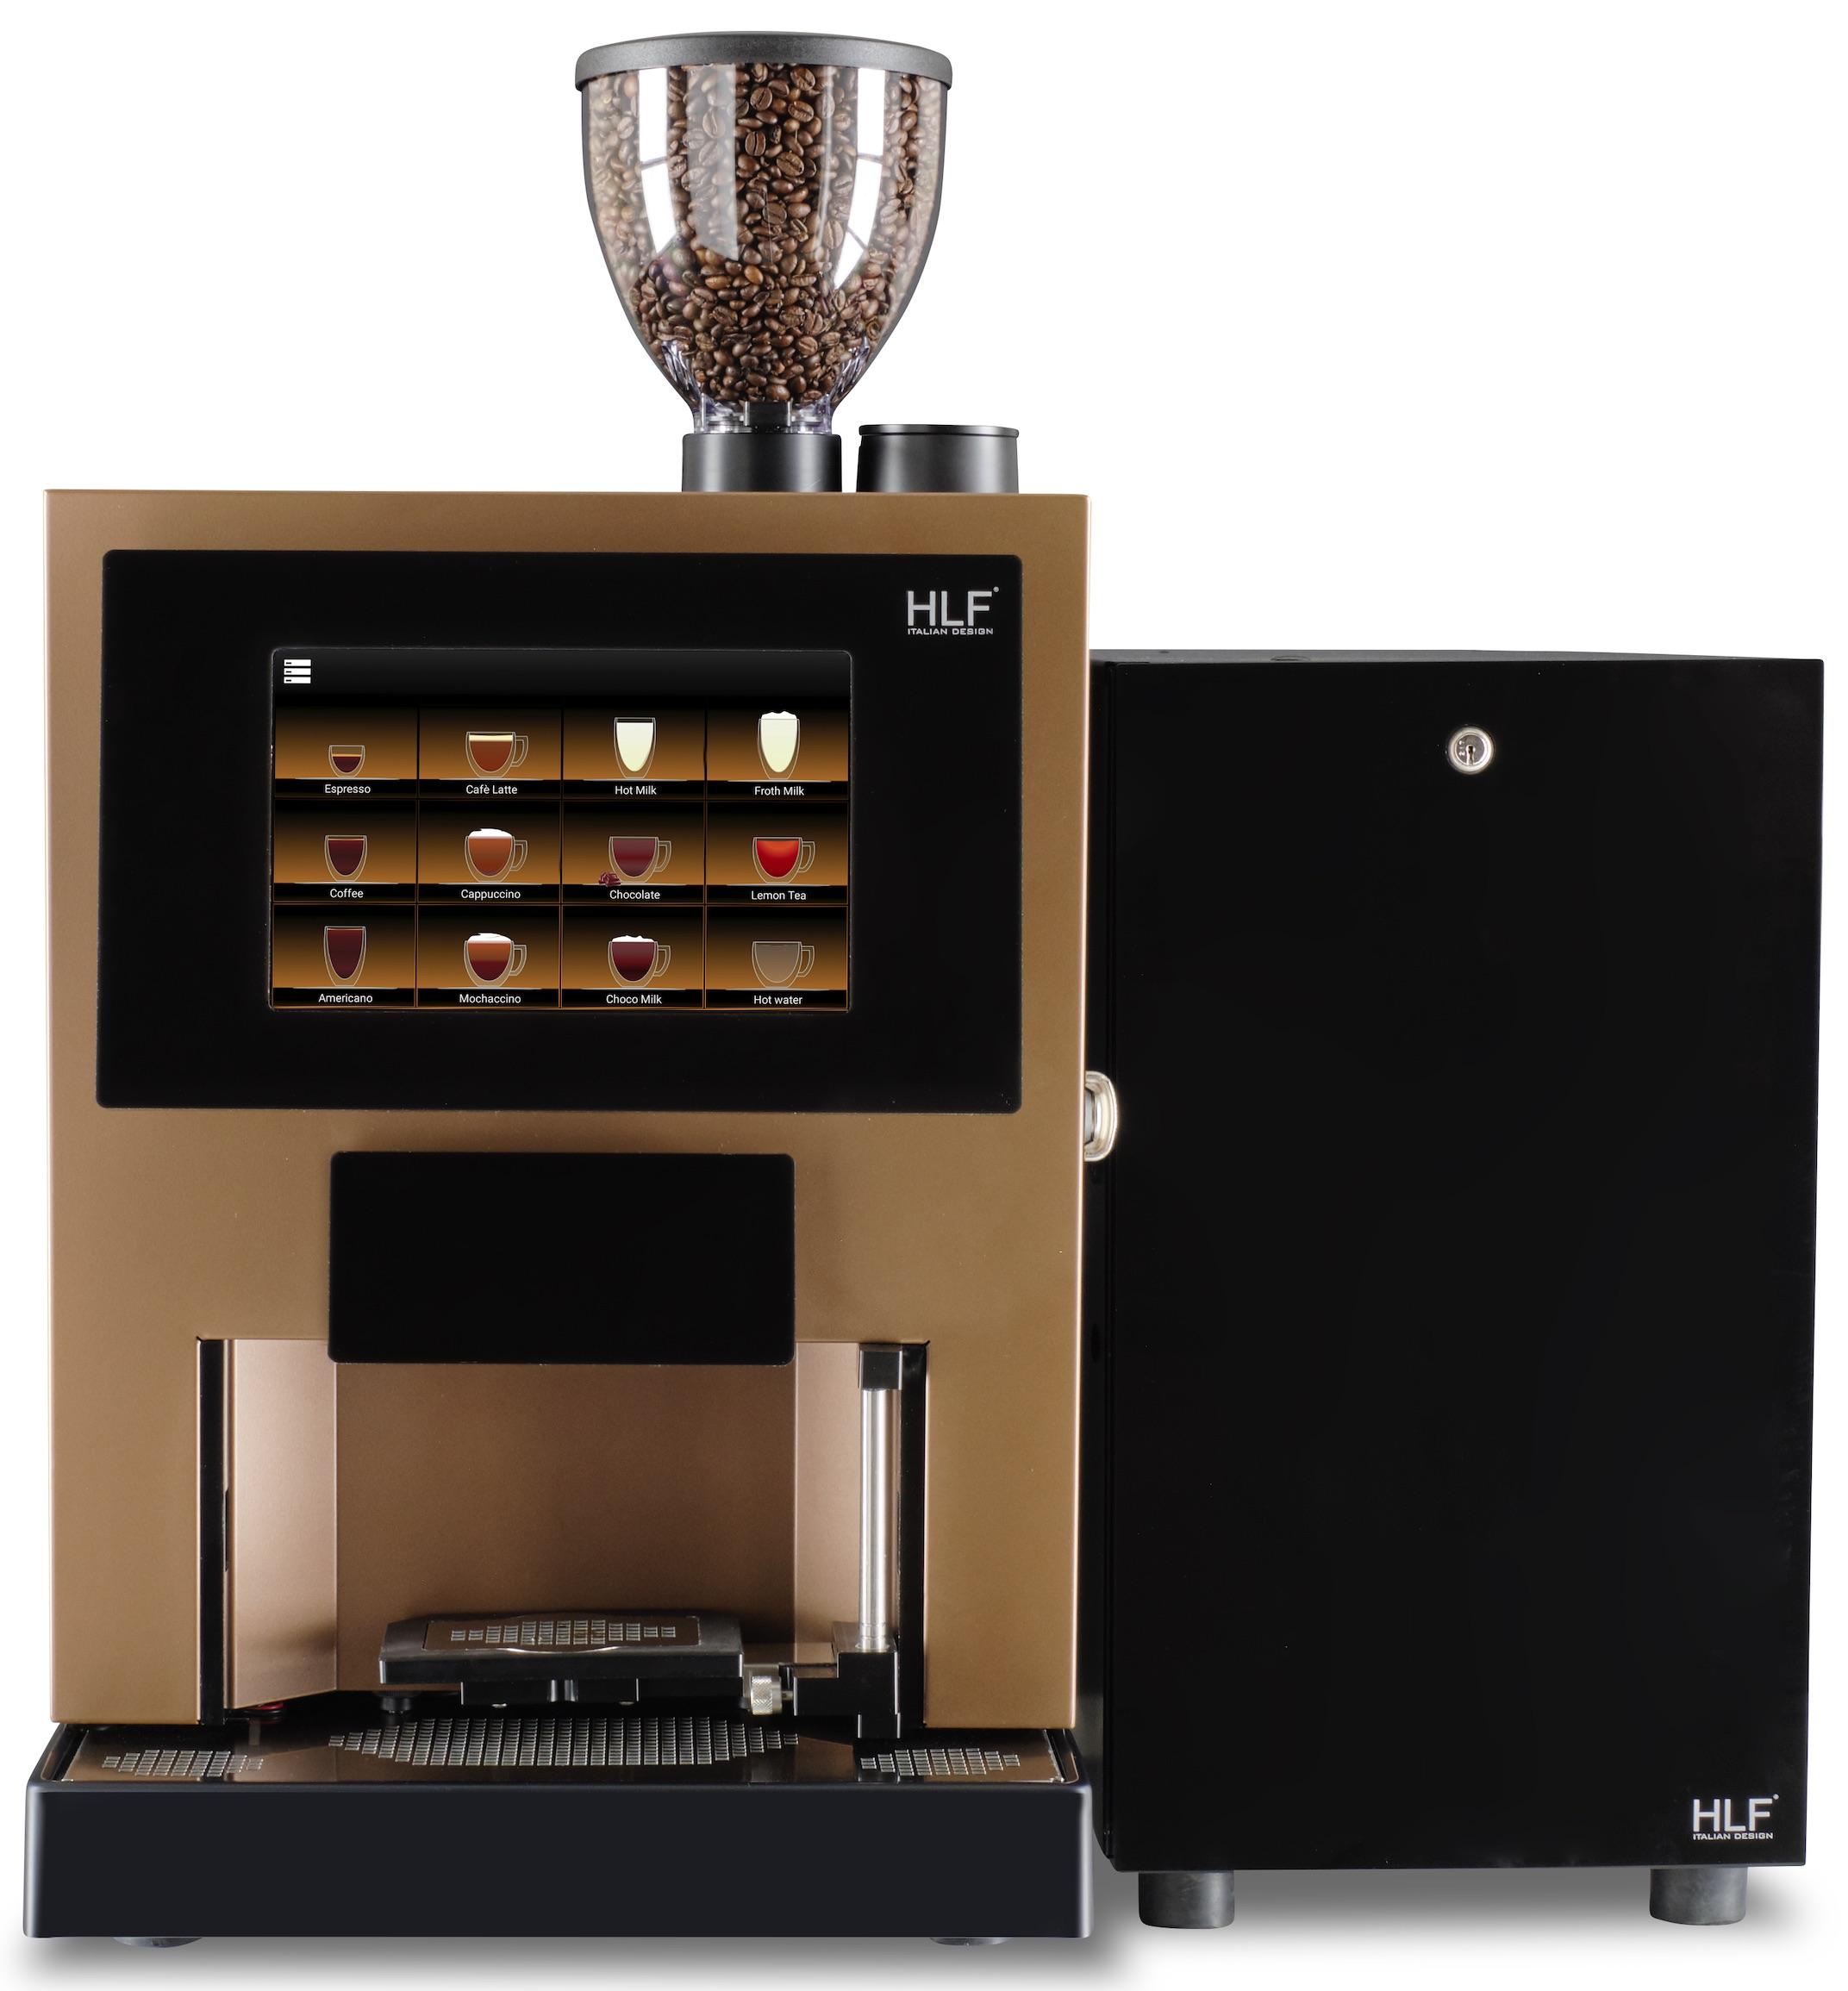 Kaffe_Compagniet_HLF_2700_Bronse_melkekj